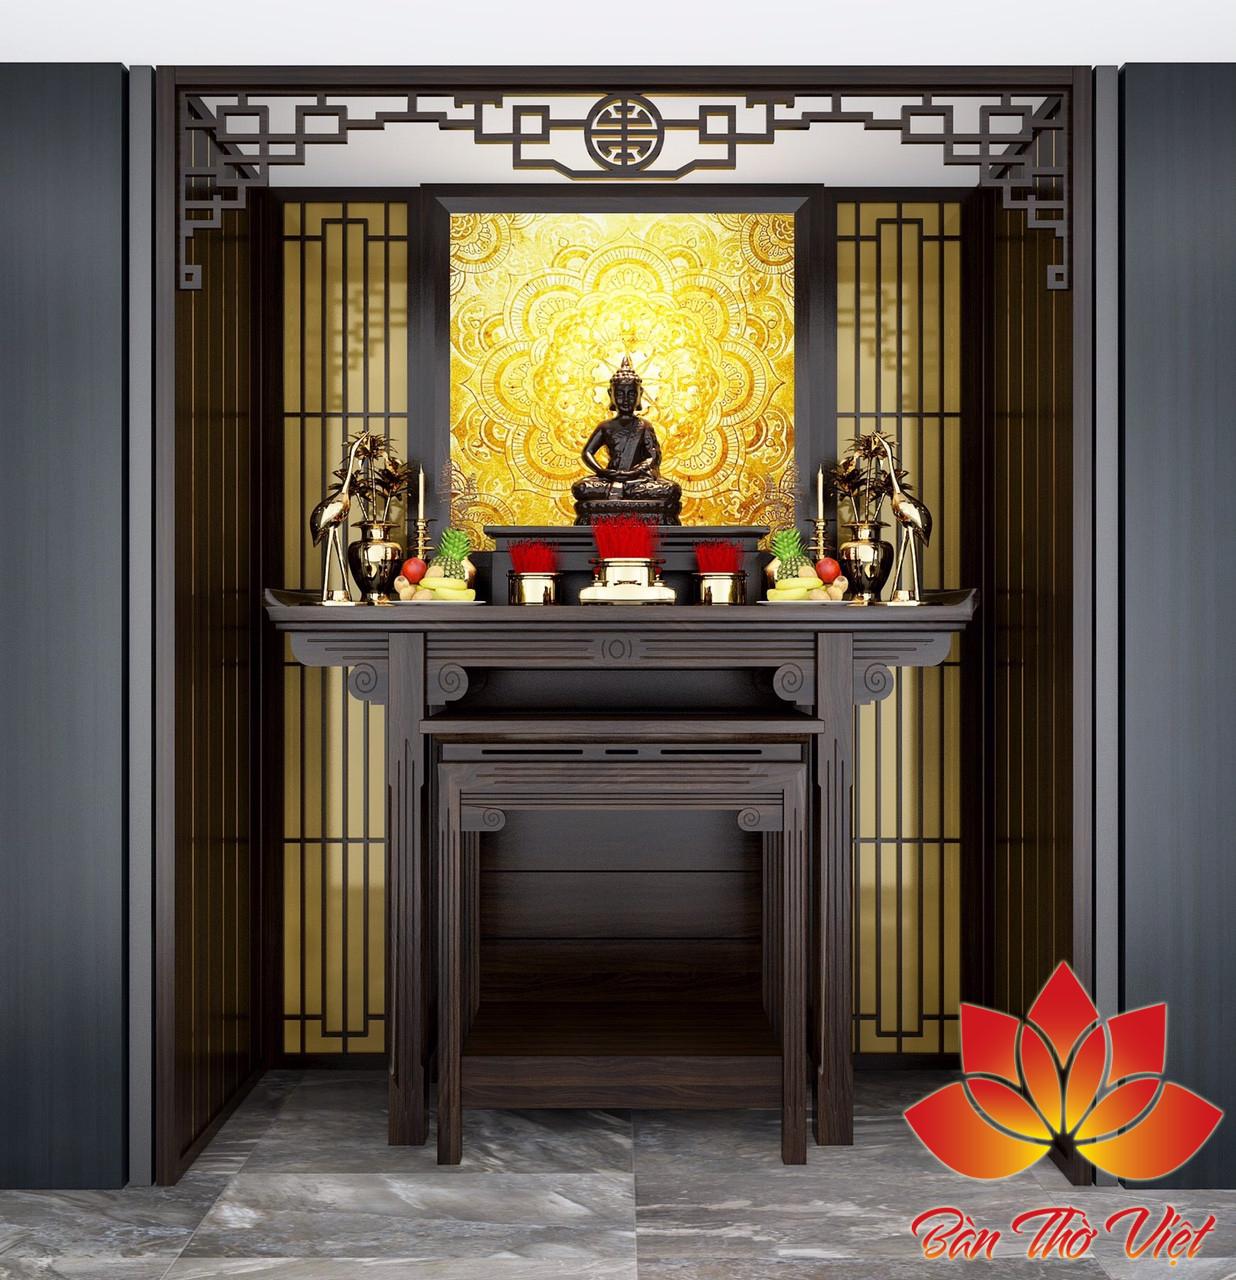 Tranh phong thủy phòng thờ với những chủ đề và họa tiết vô cùng phù hợp treo trong phòng thờ